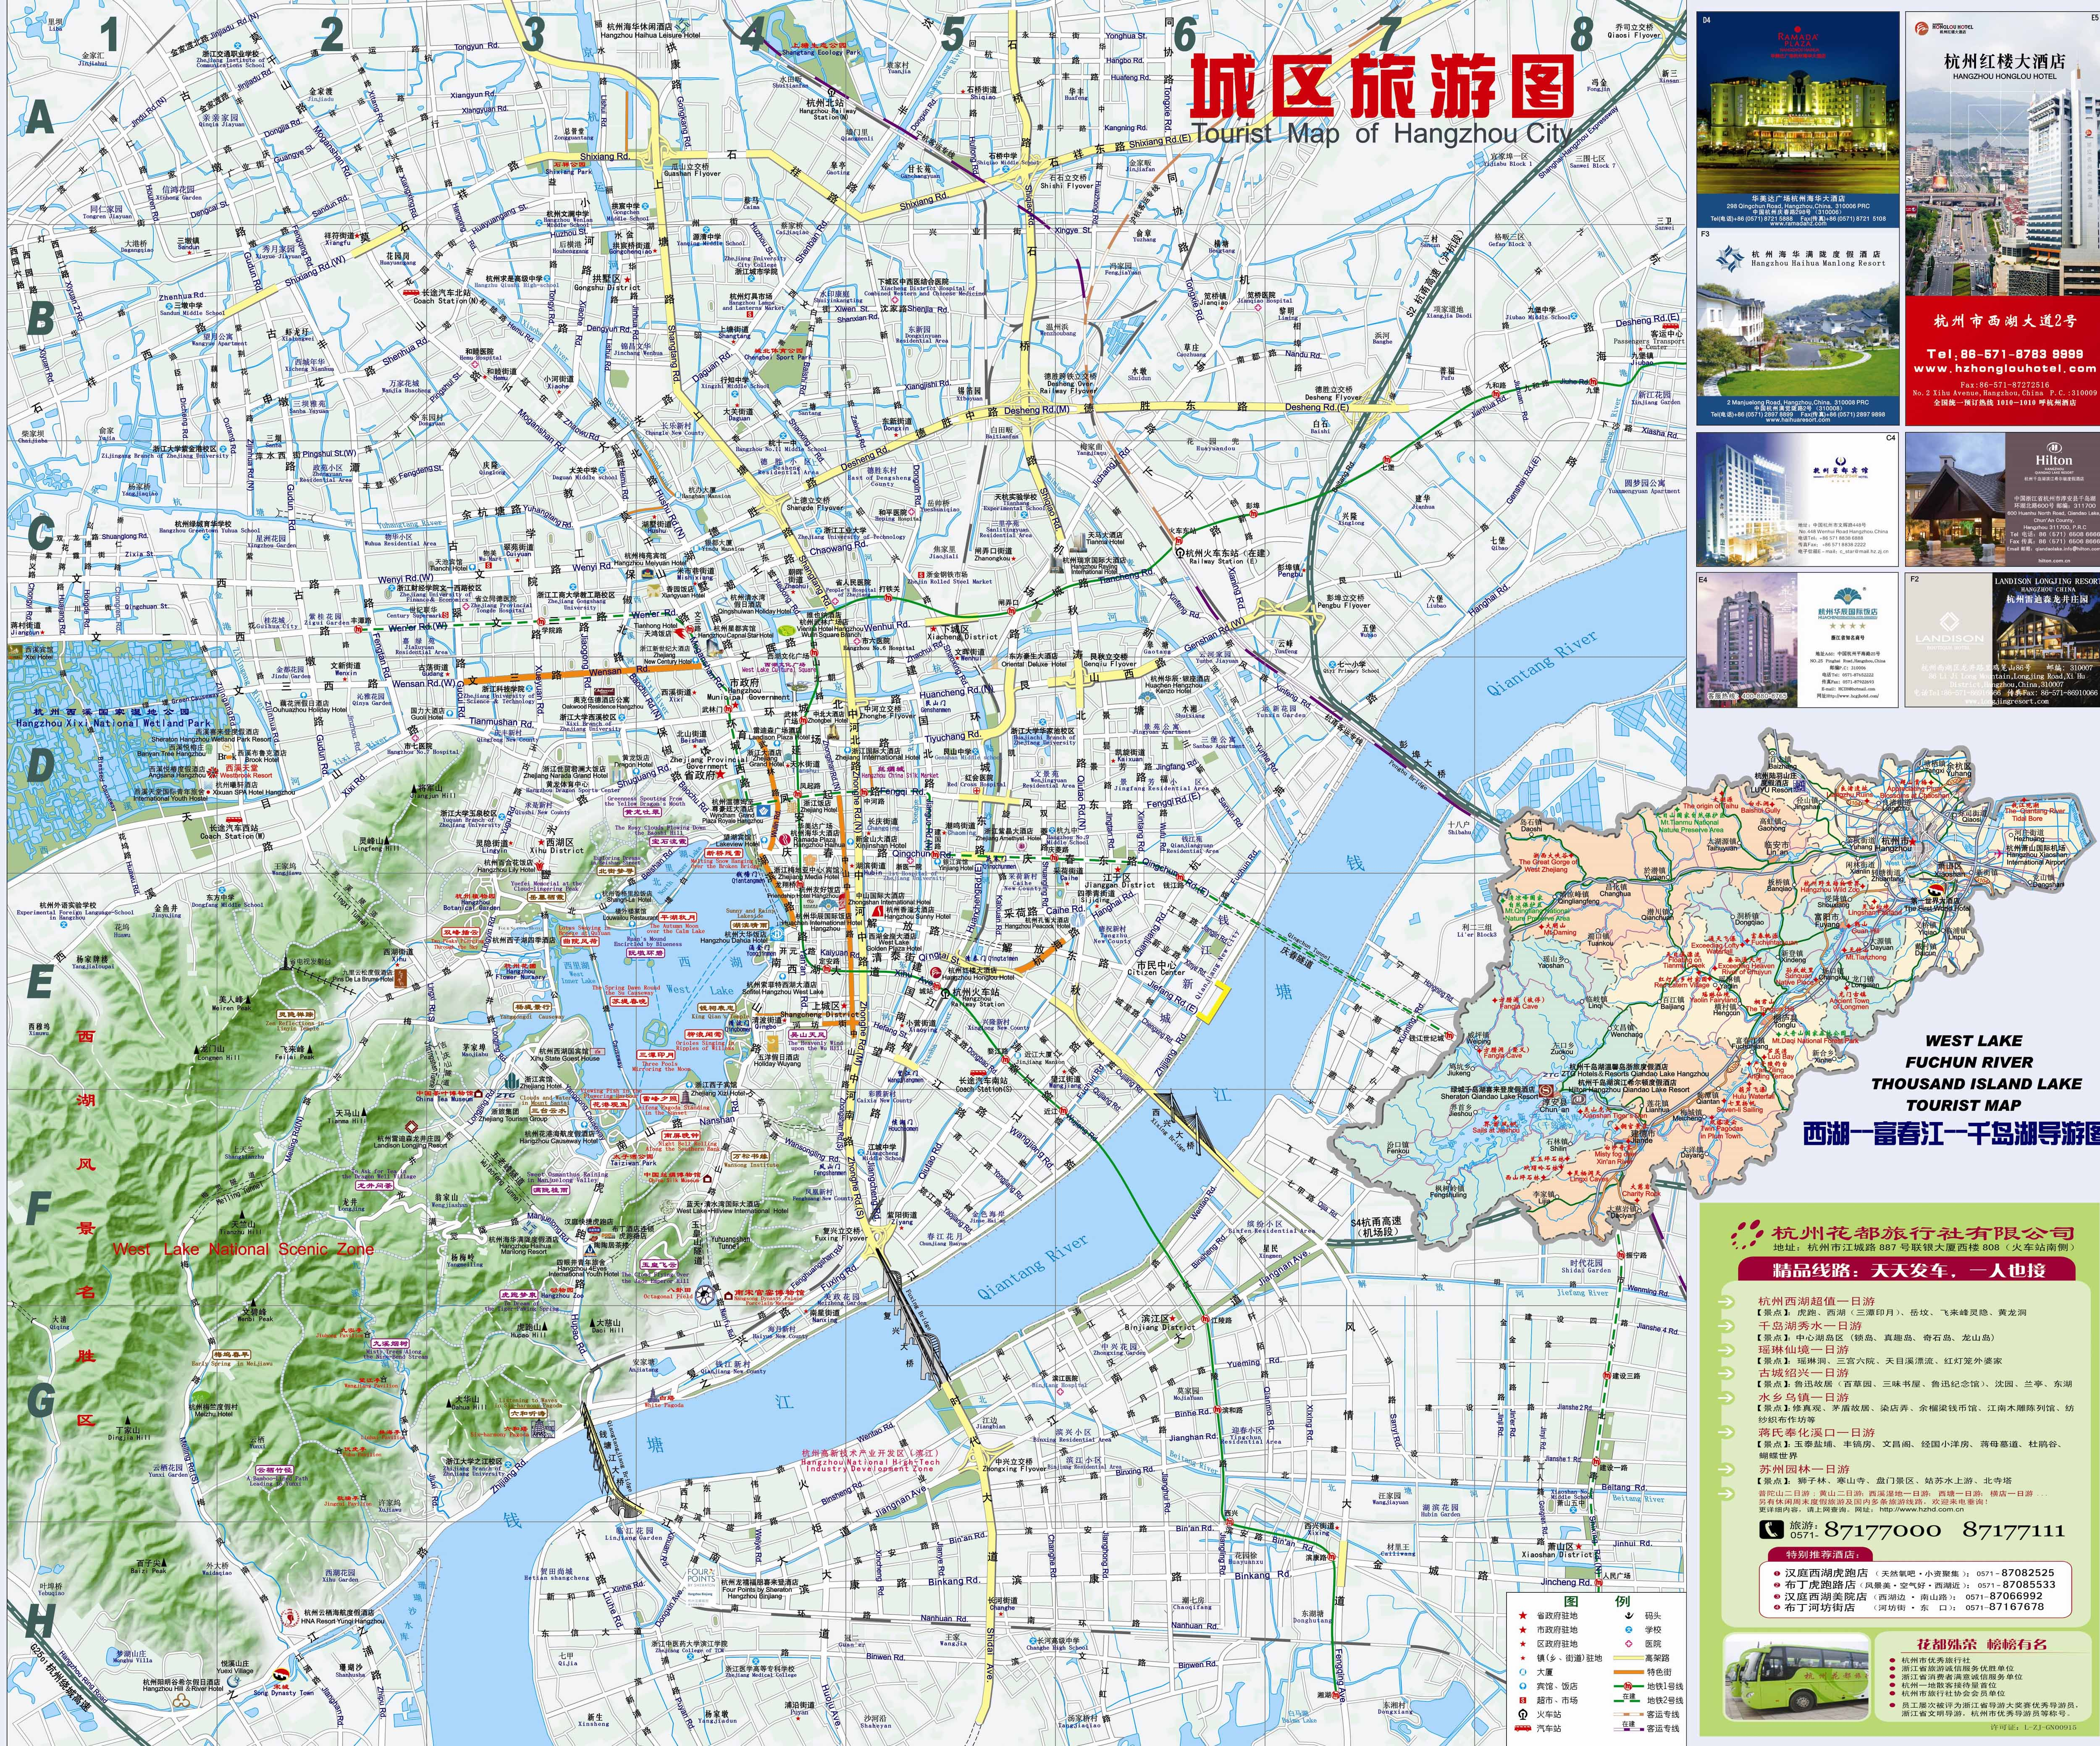 杭州地图全图高清版_杭州市酒店观光导游地图